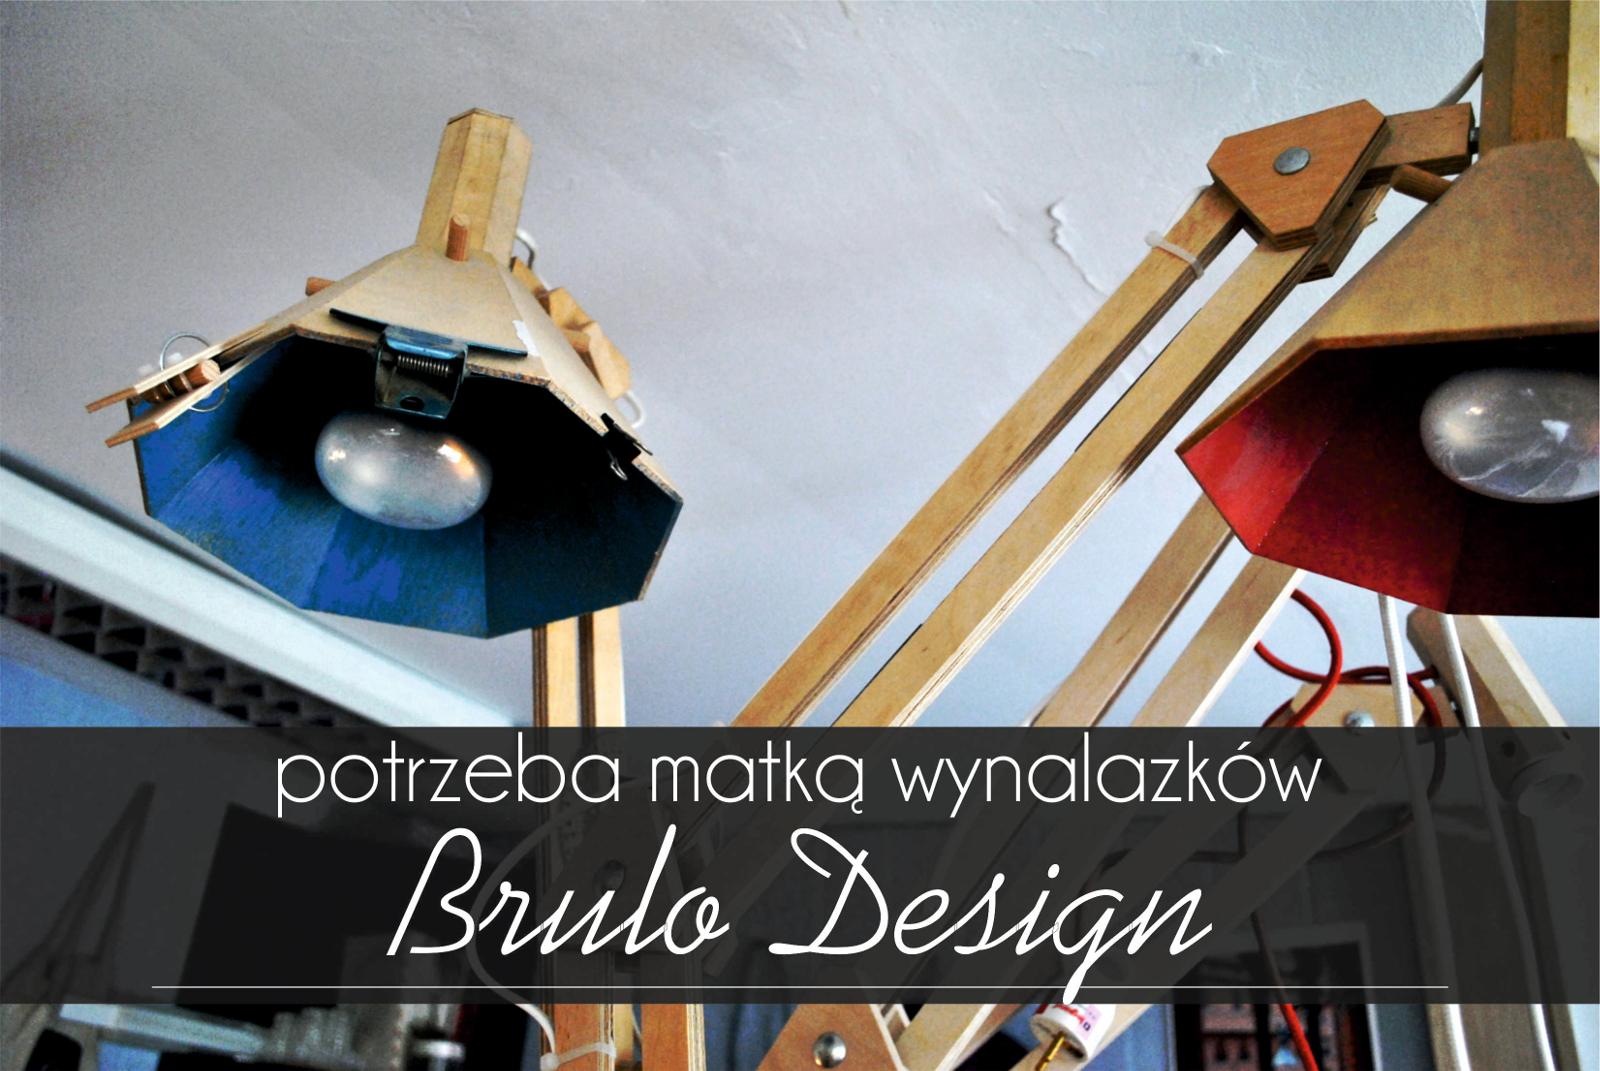 Brulo Design